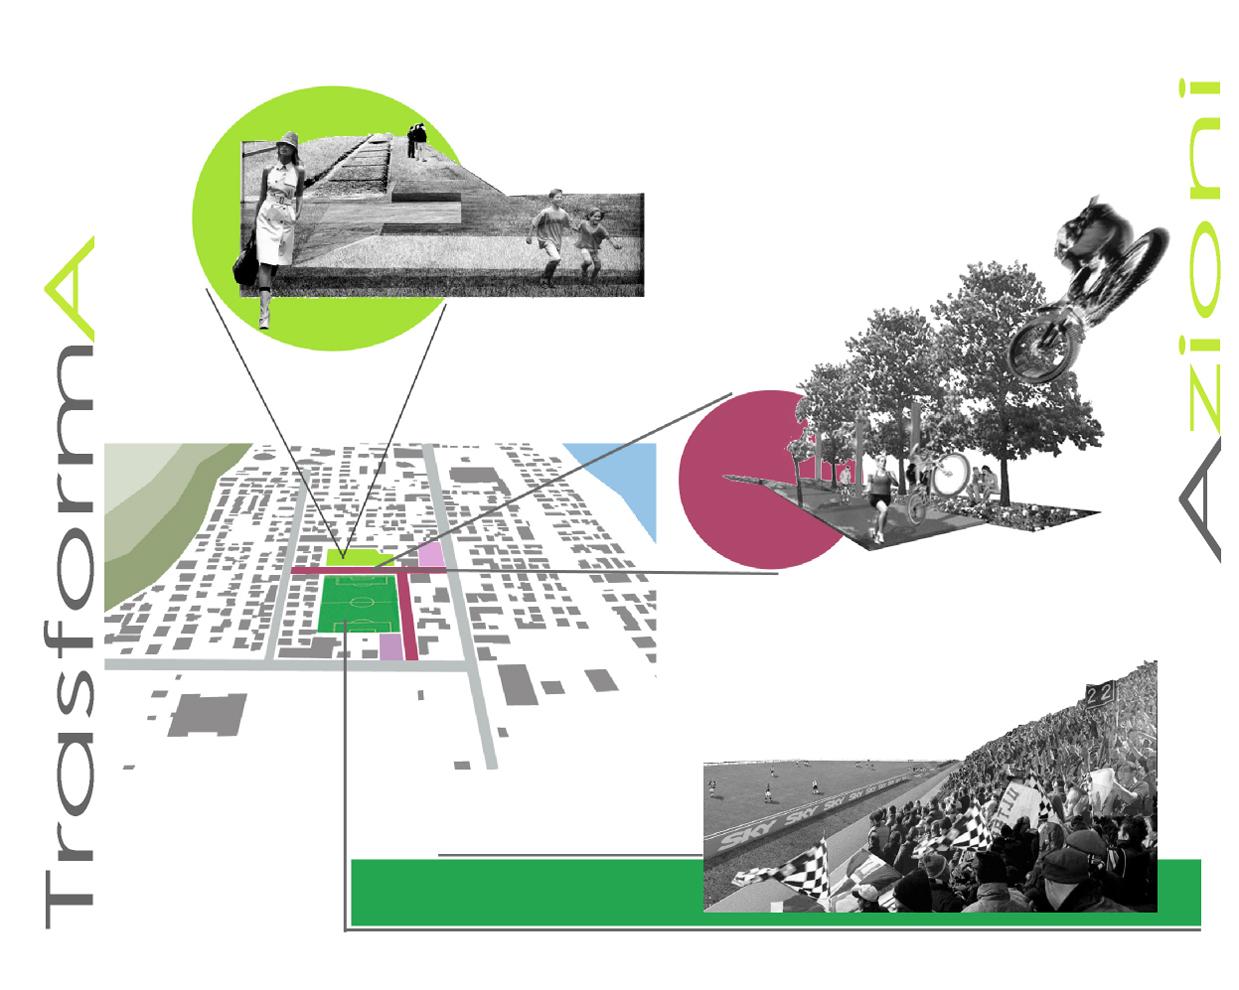 001Strategia della riqualificazione urbana.jpg